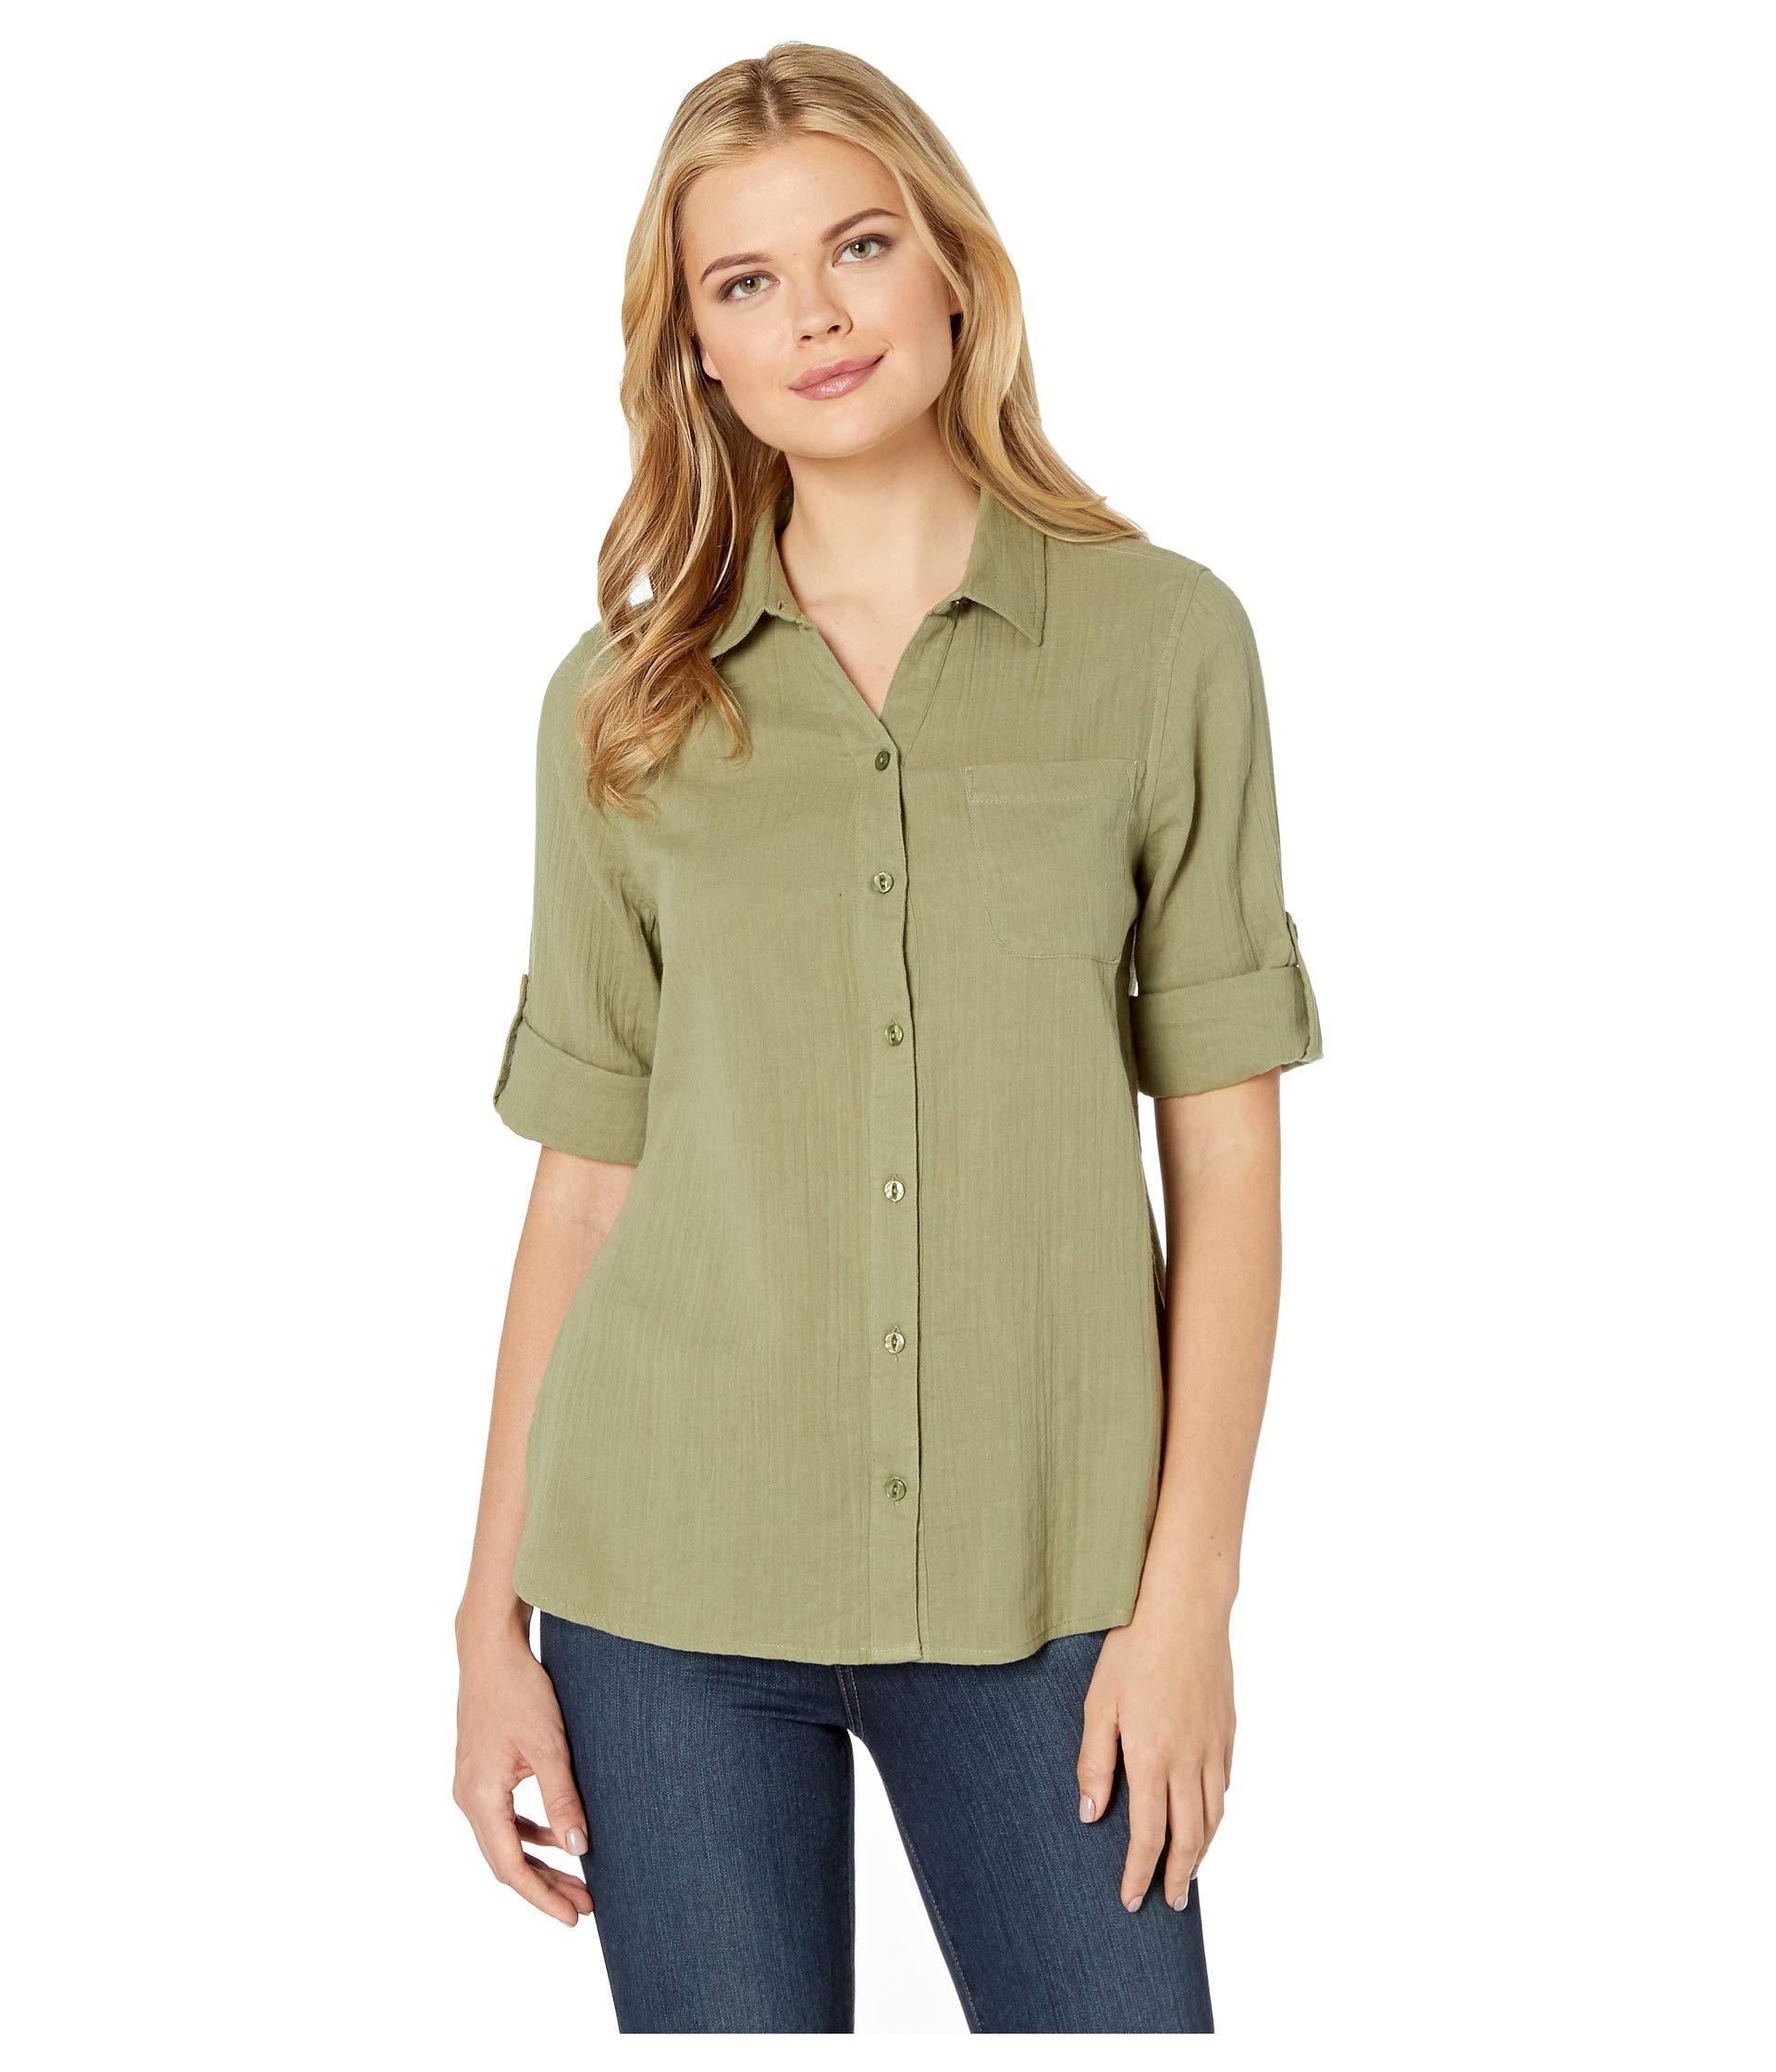 6b224de78a6 Womens Button Up Shirts Short Sleeve   Top Mode Depot